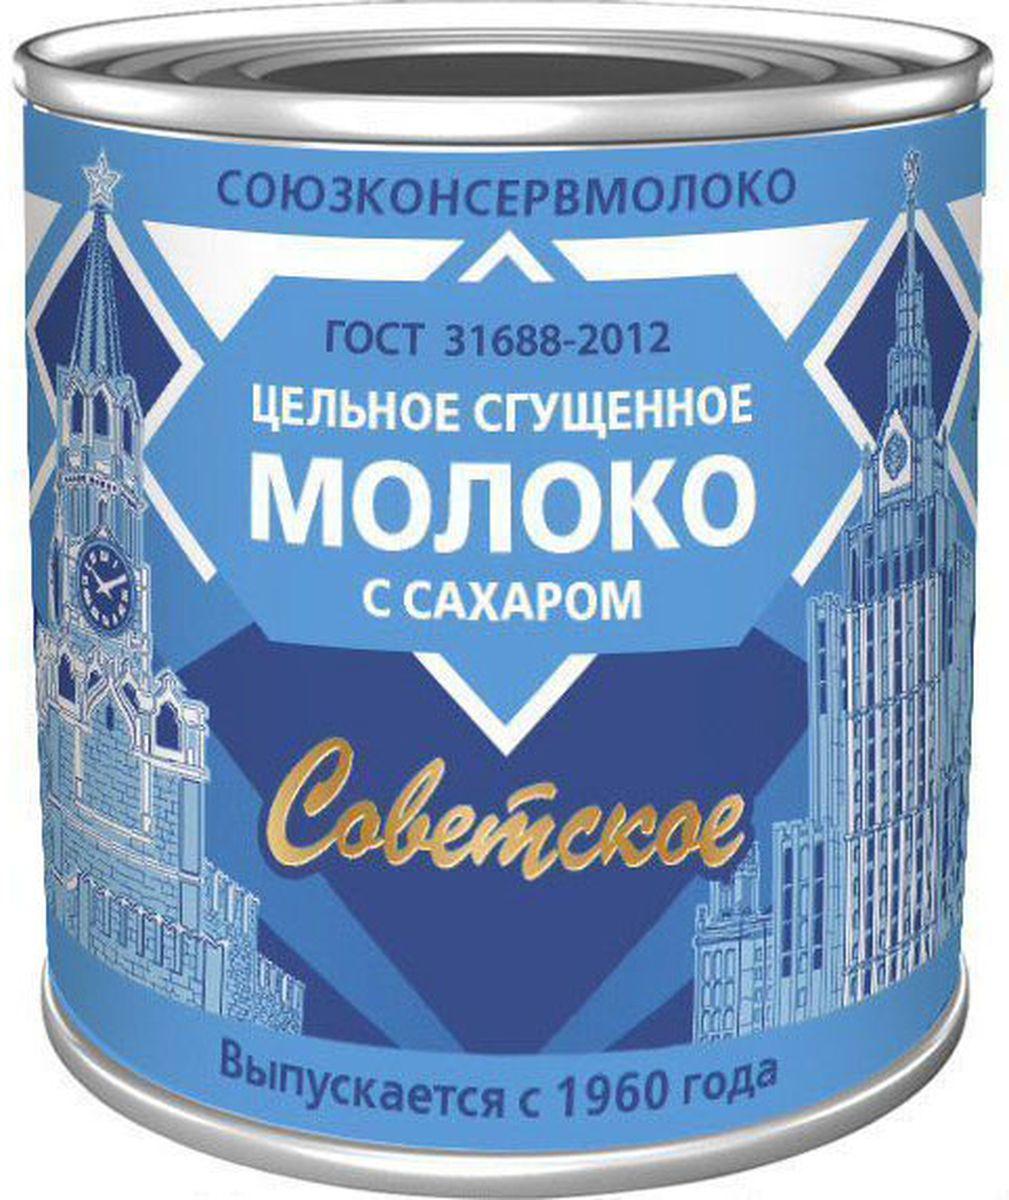 Молоко цельное сгущенное 8.5% 380 г Советское, подходит для добавления в чай, кофе, изготовление кондитерских изделий. Сладкий вкус, с выраженным вкусом пастерилизовонного молока. Пищевая ценность на 100 г продукта: жира - 8.5 г, белка - 7.2 г, углеводов - 56 г. Энергетическая ценность - 329 Ккал.